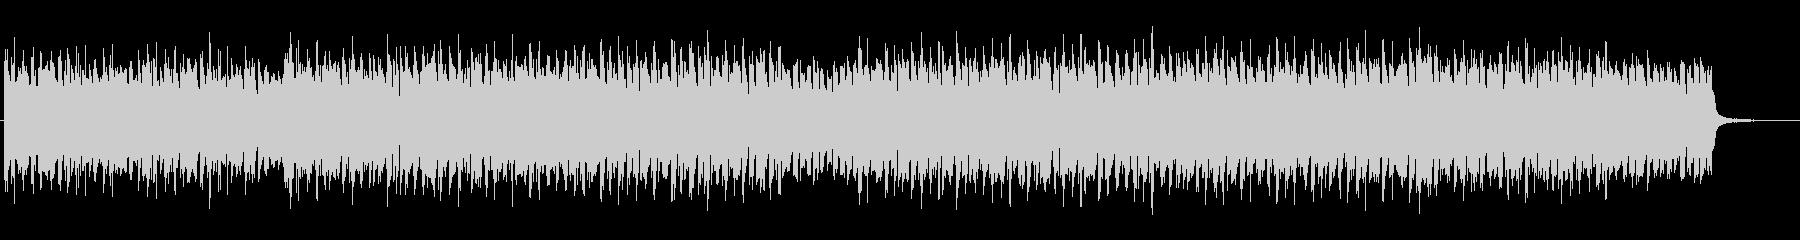 ベースフレーズが目立つテクノBGMの未再生の波形